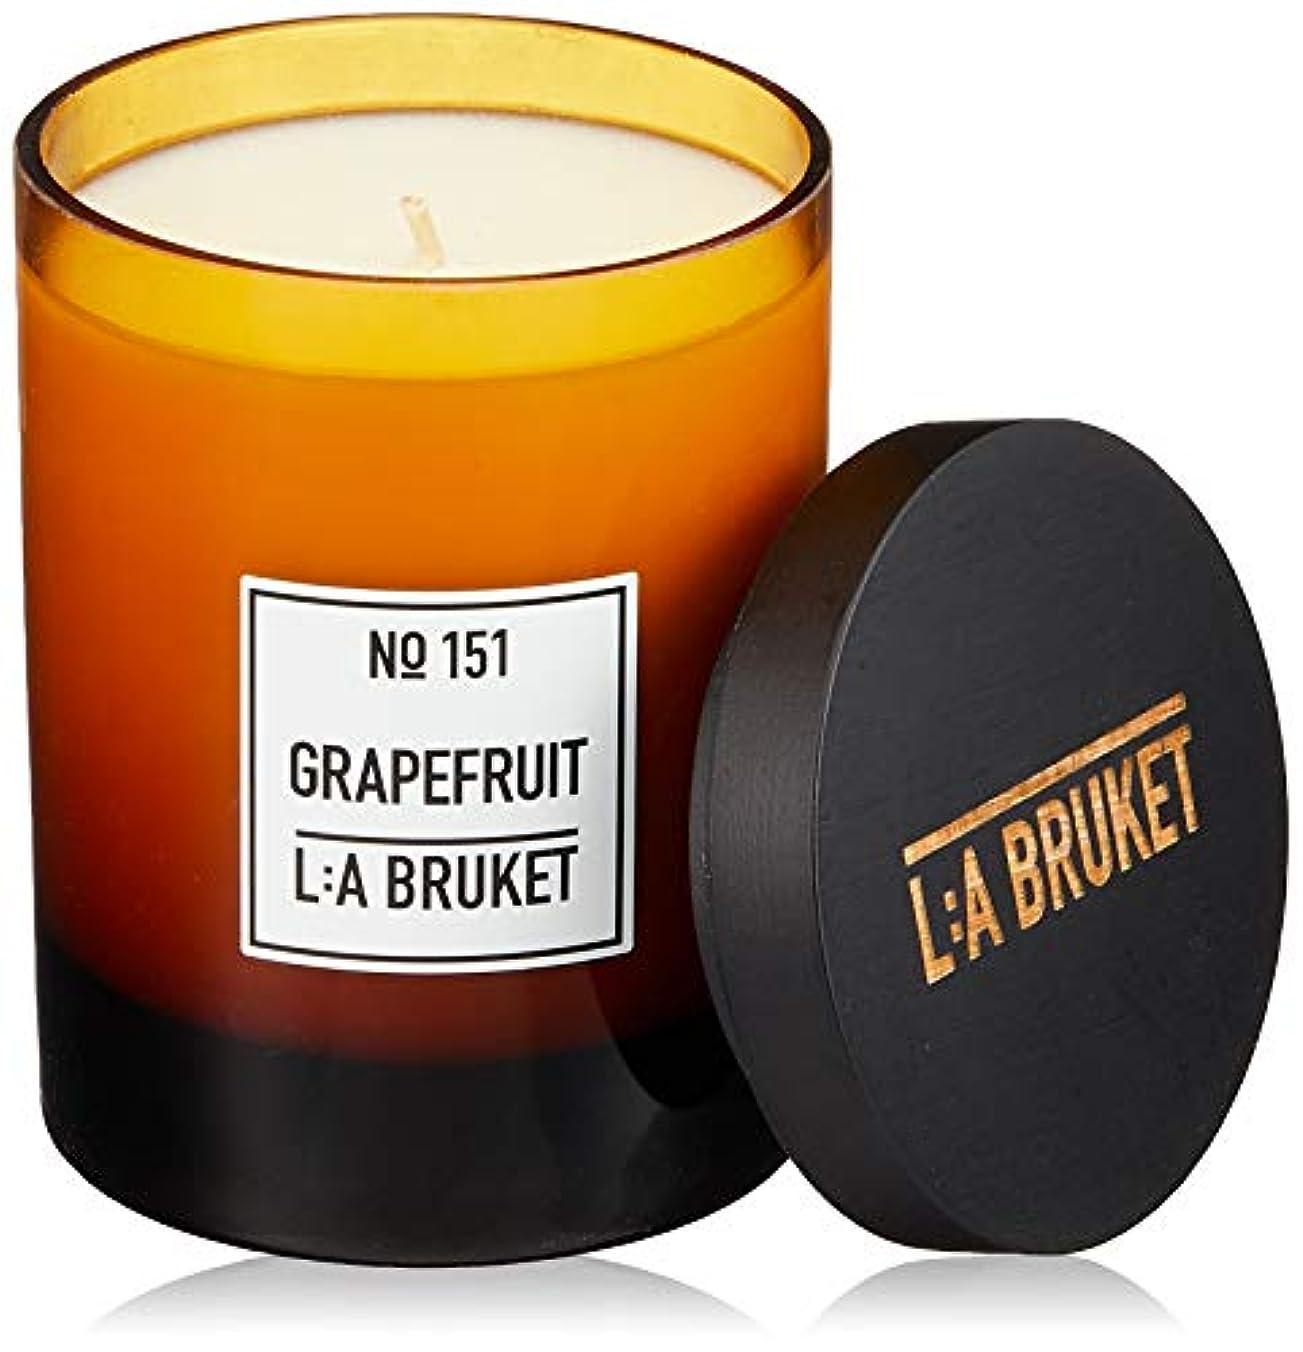 穏やかな箱行進L:a Bruket (ラ ブルケット) キャンドル (グレープフルーツ) 260g